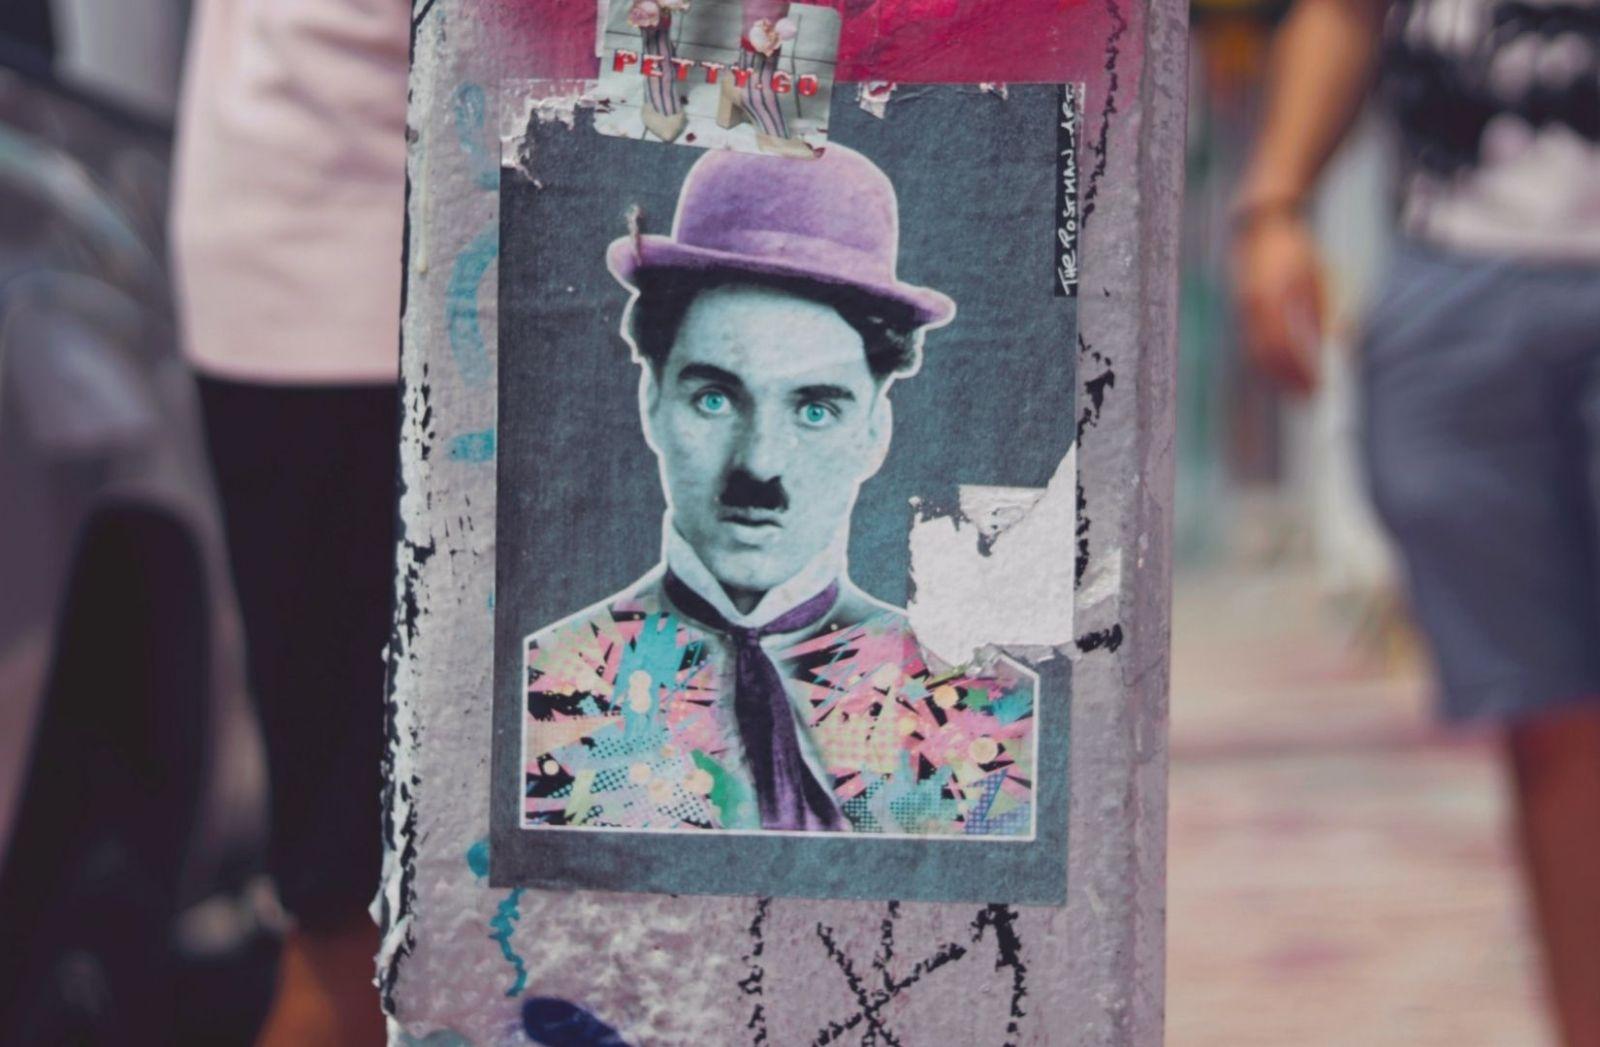 Was sind die Coronaursachen? Charlie Chaplin als Aufkleber ist der Anfang der Kritik. (Foto: Mimi Di Cianni, Unsplash.com)